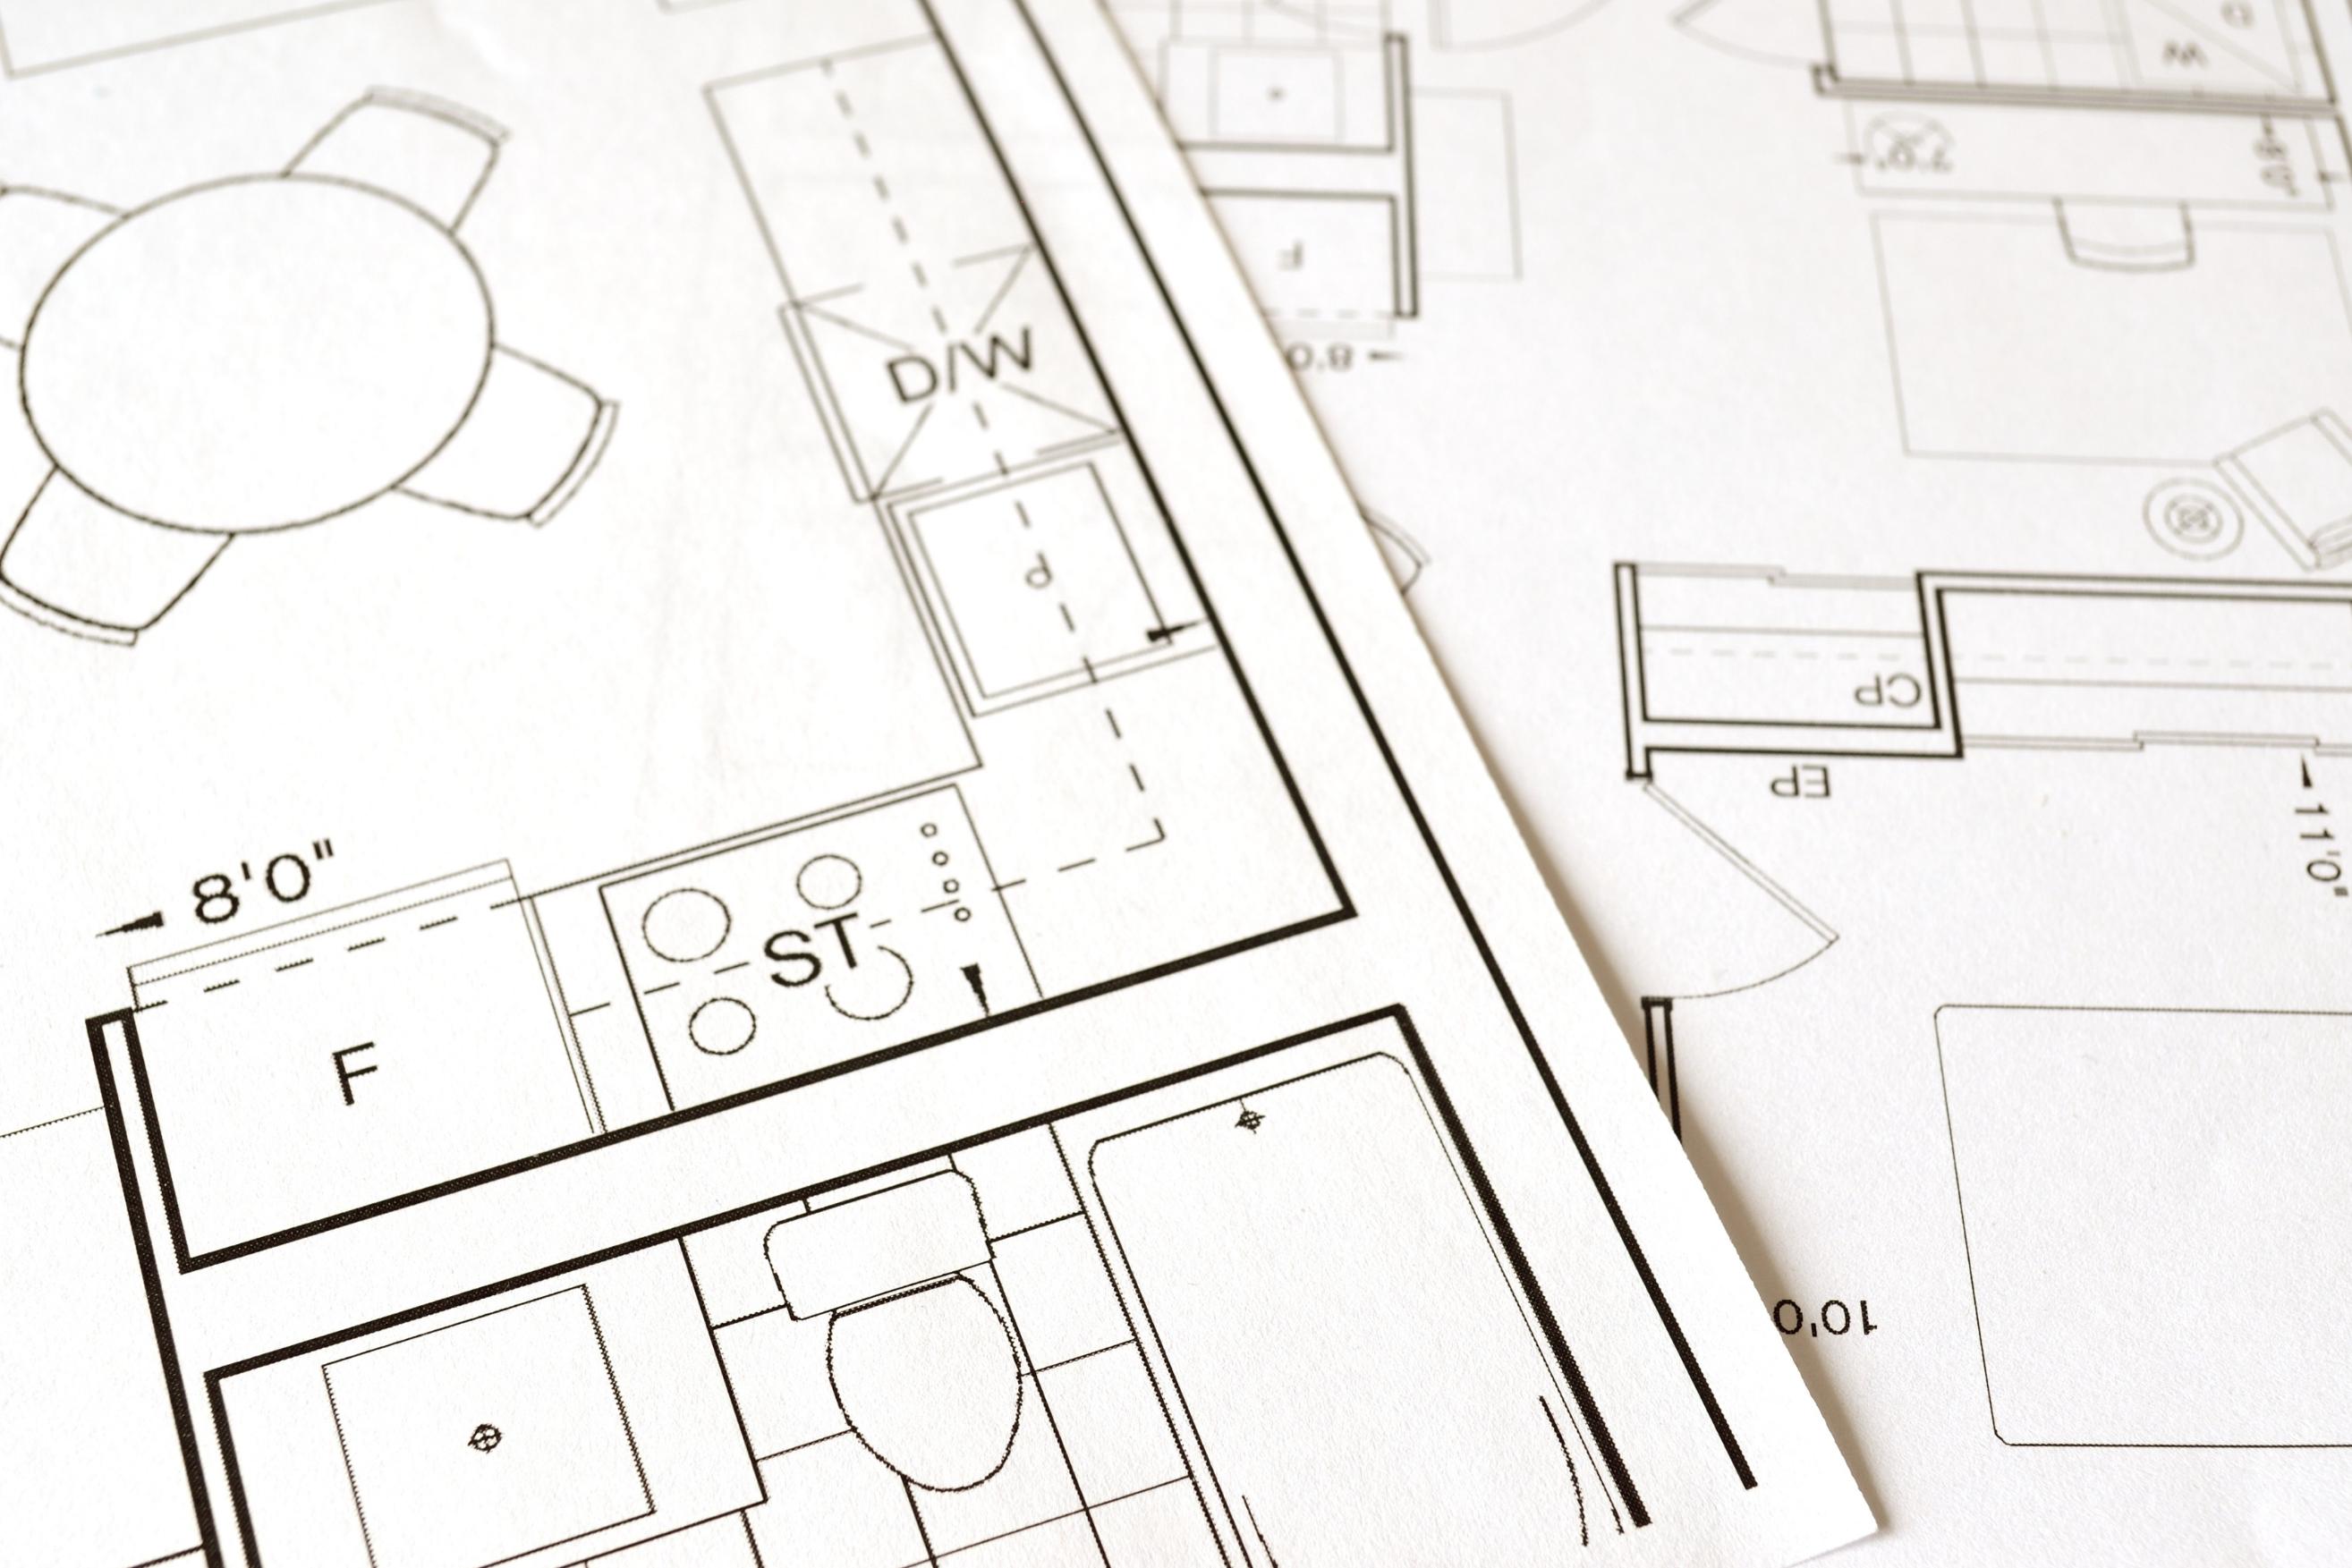 ristrutturare casa con sconto in fattura 50%